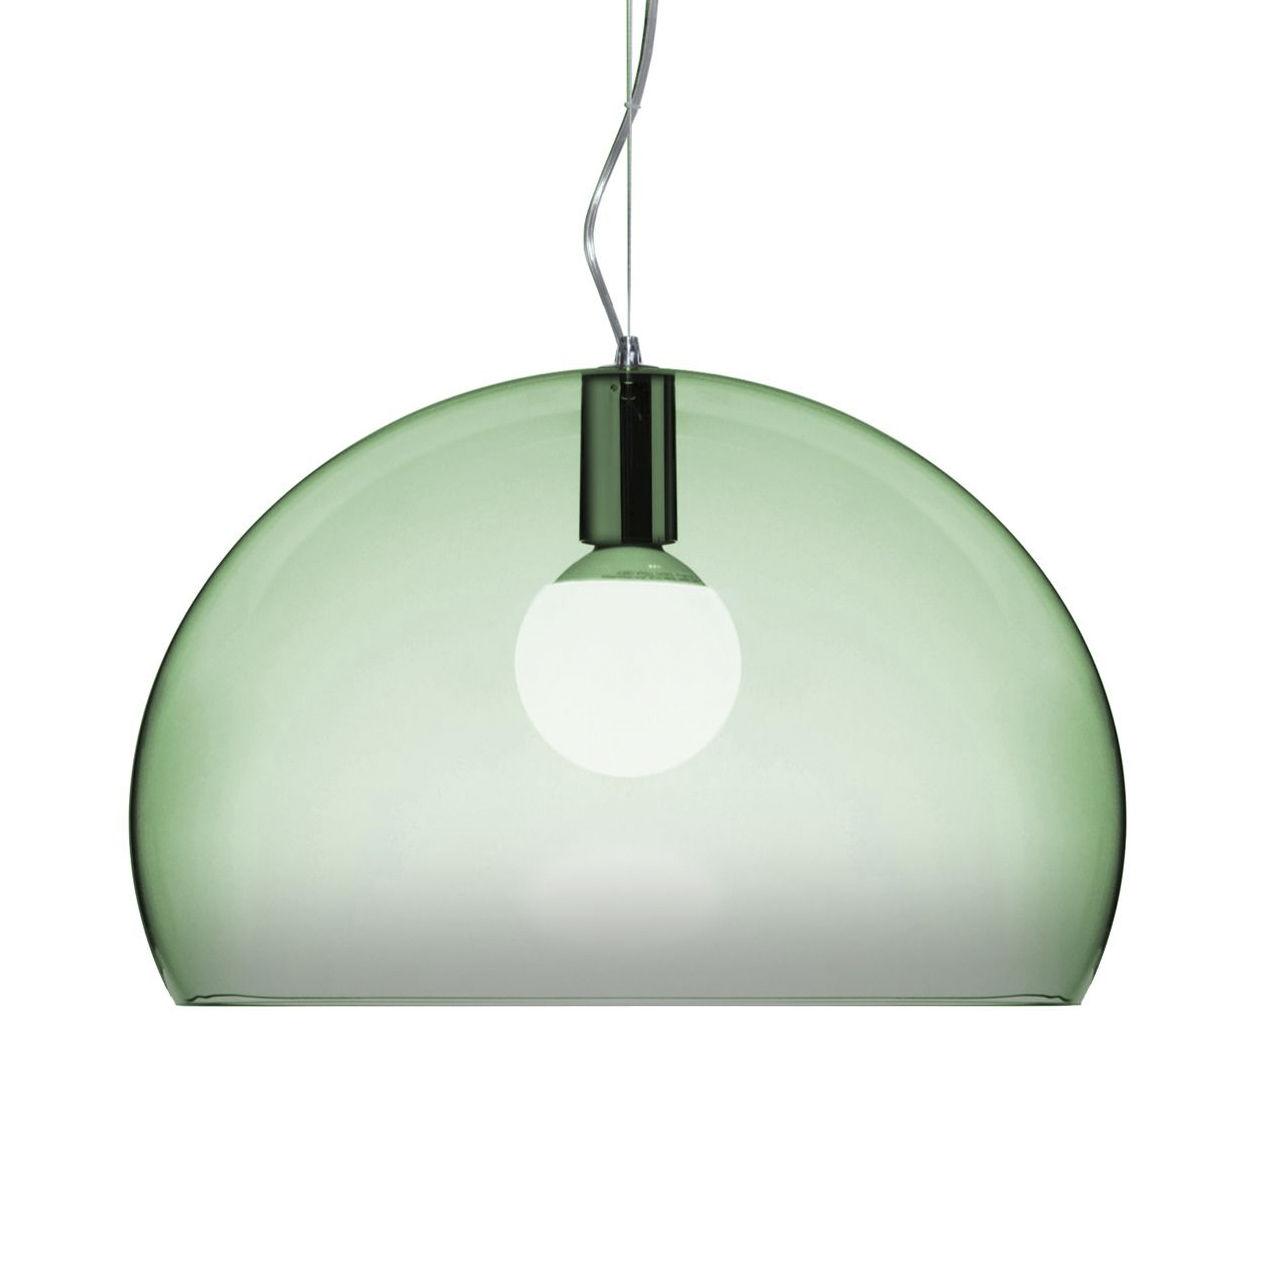 Lámpara de suspensión FL / Y Pequeña - Ø 38 cm Verde salvia Kartell Ferruccio Laviani 1